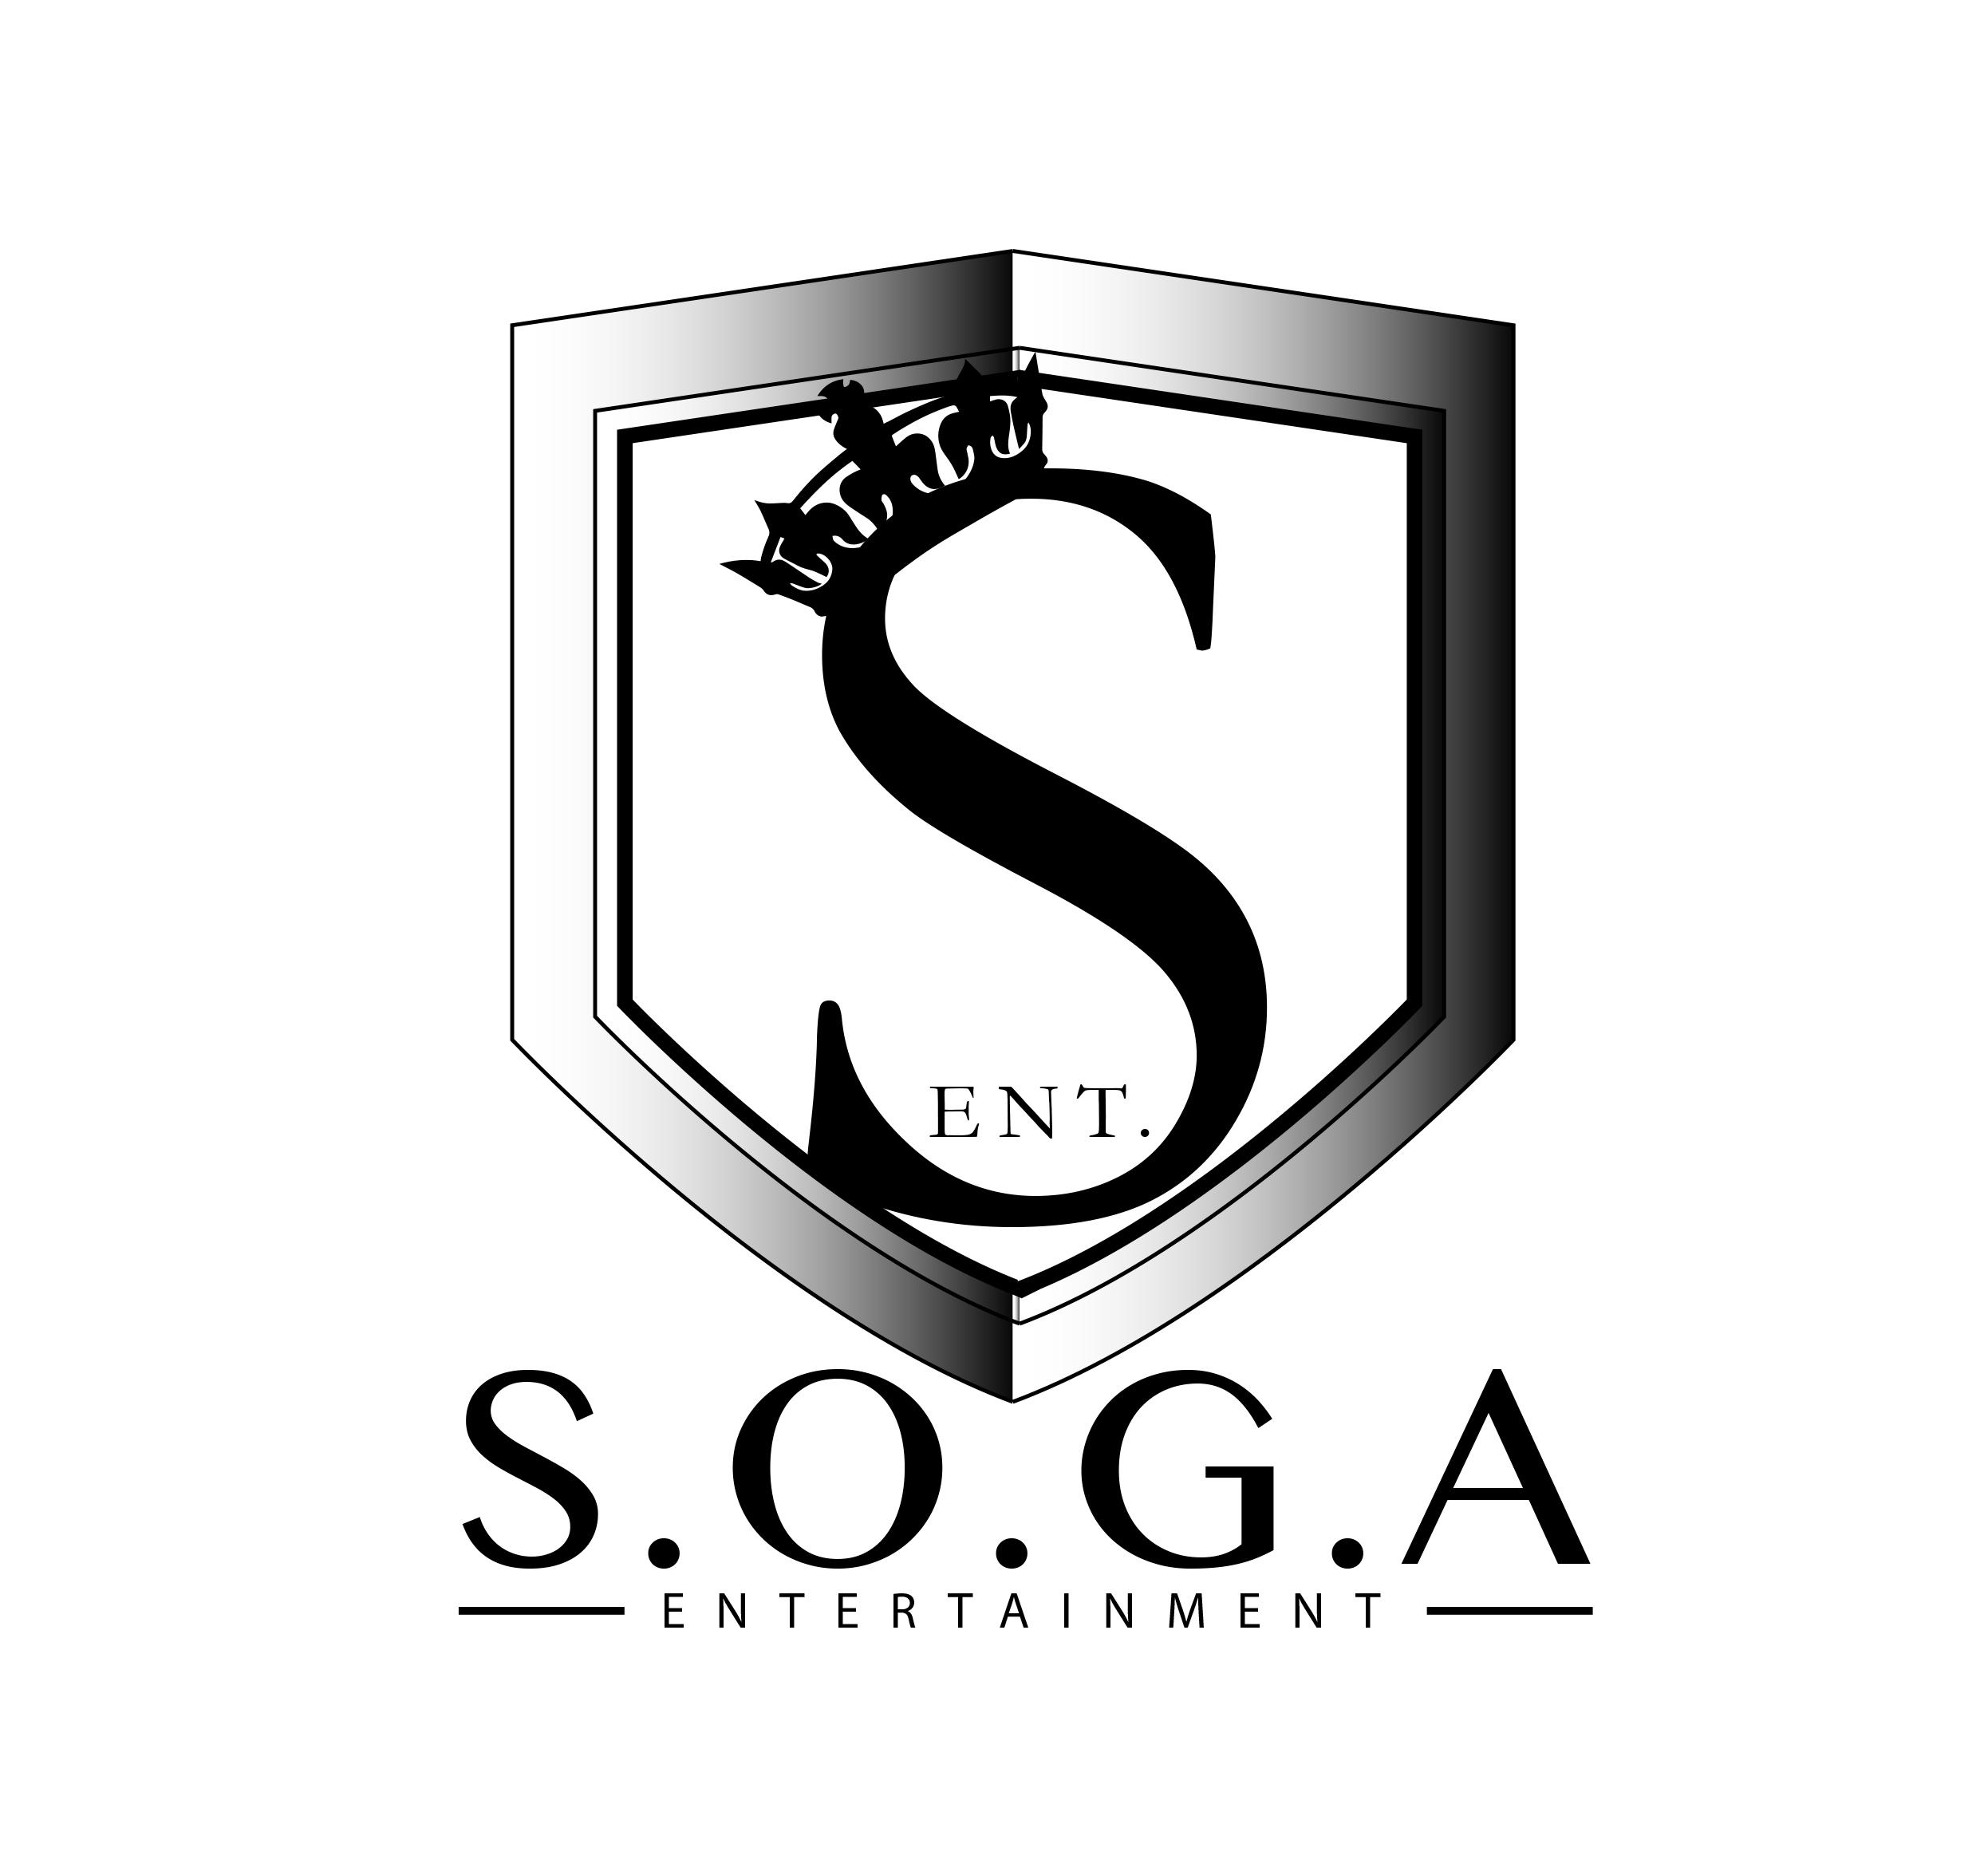 Soga Entertainmentllc Events Eventbrite